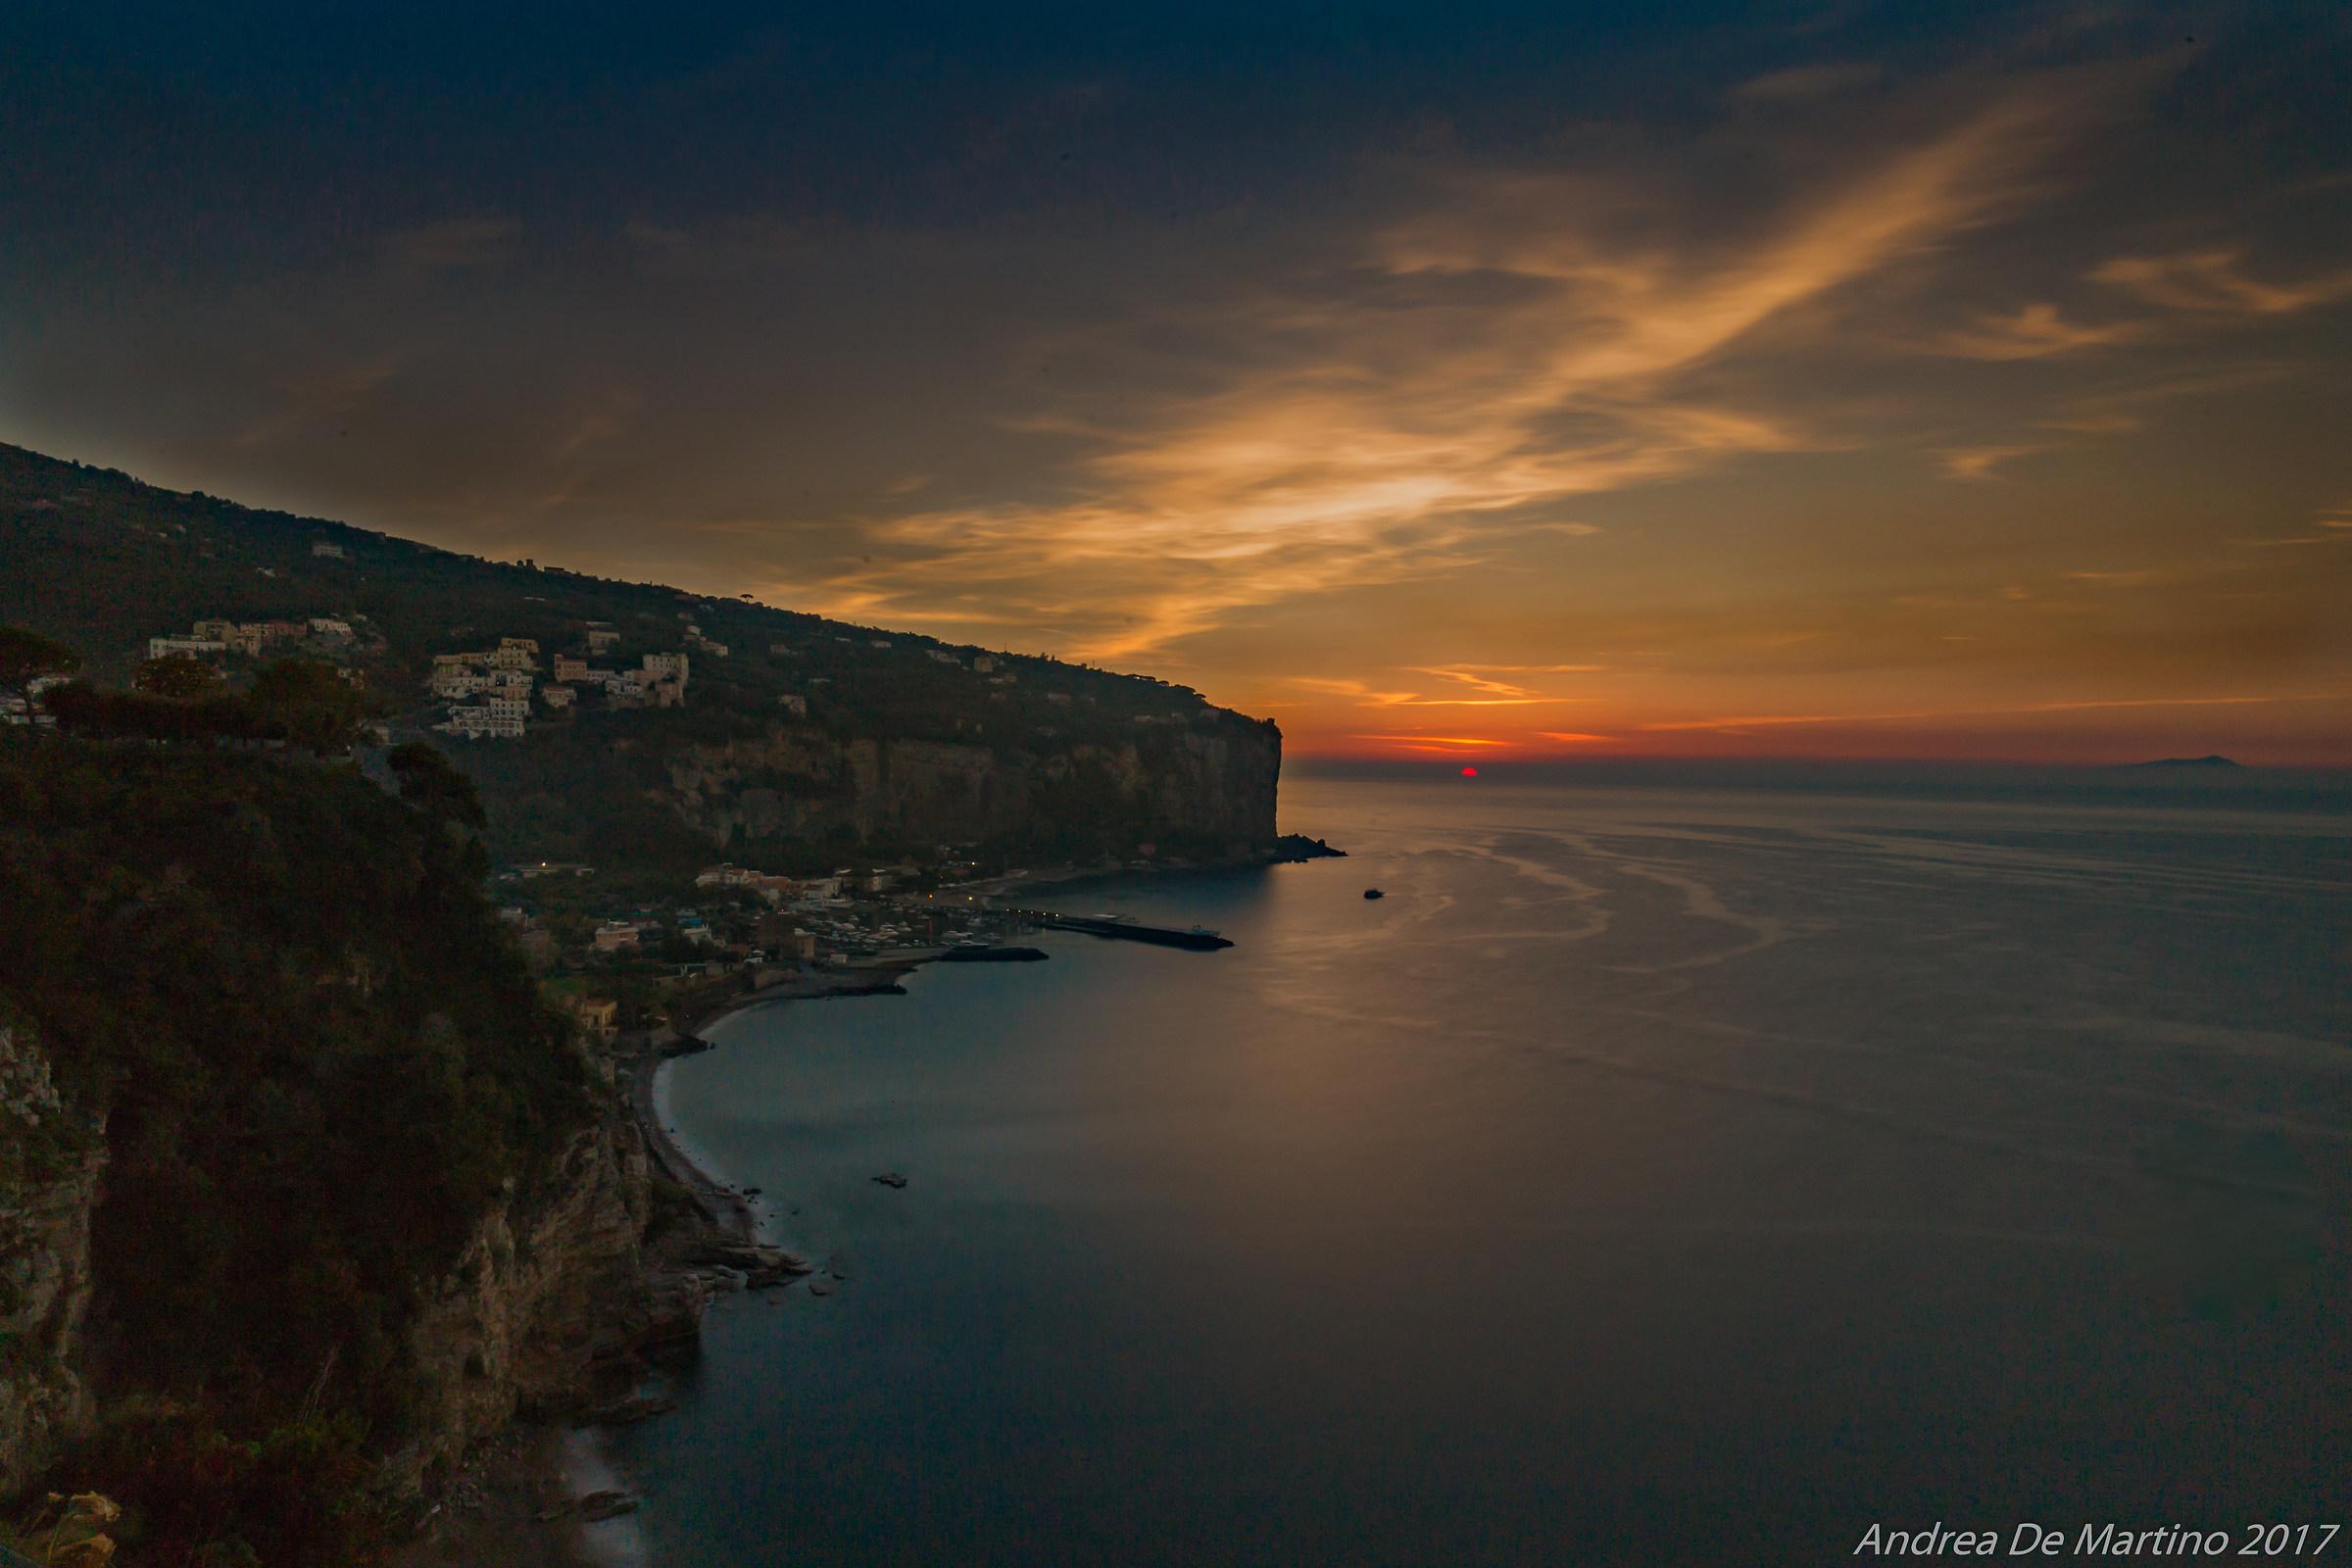 Marina of Aequa and Punta Scutolo...